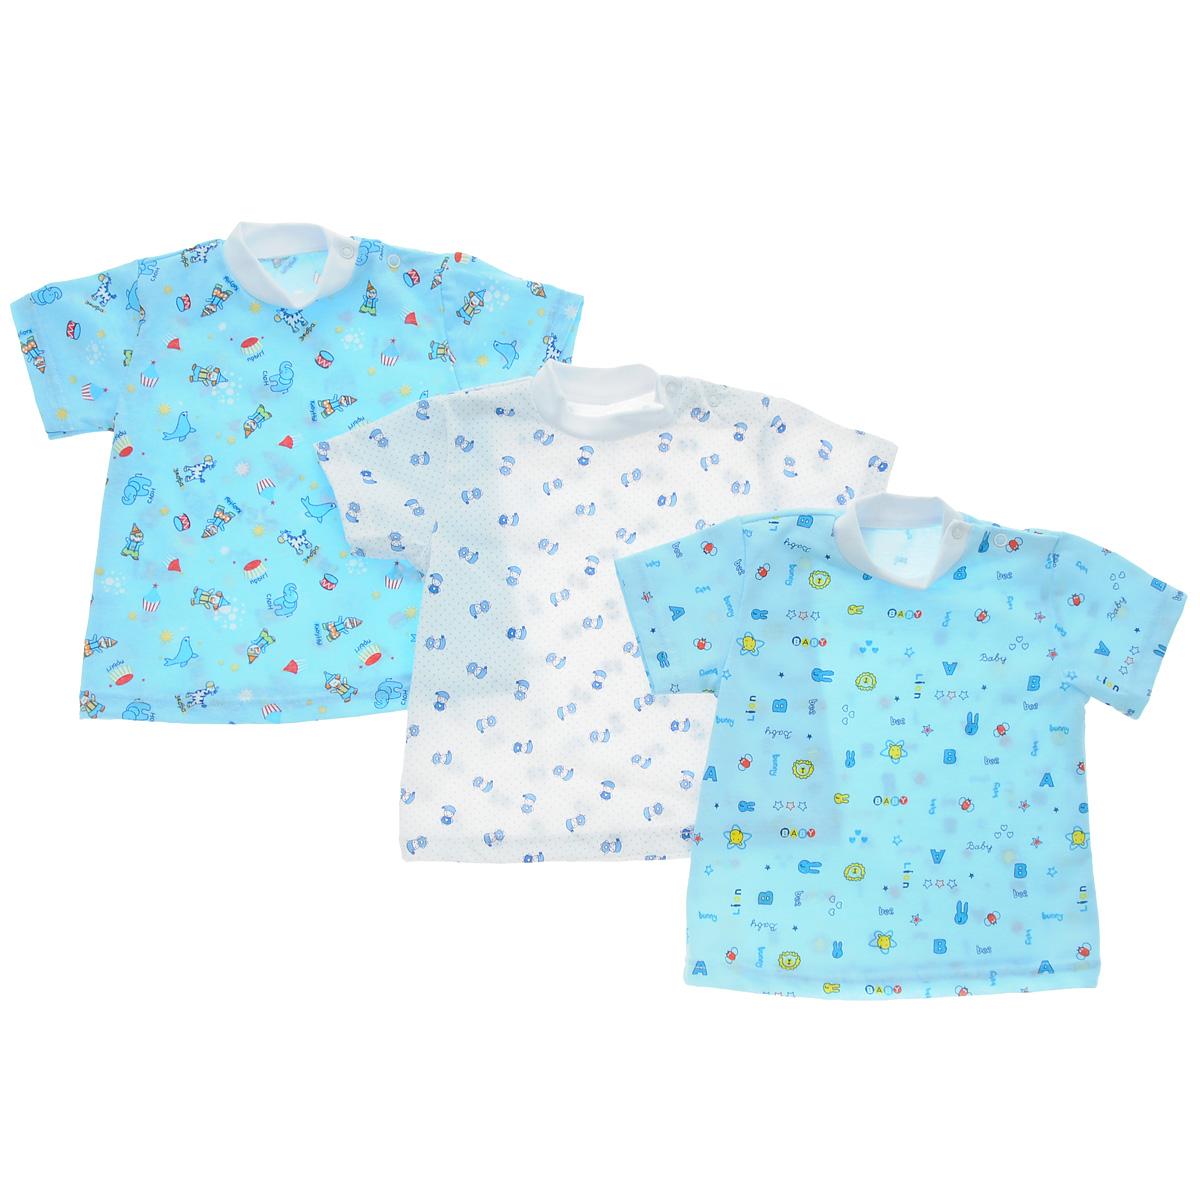 Комплект футболок для мальчика Фреш стайл, 3 цвета, 3 шт. 10-237м. Размер 68, 6 месяцев10-237мКомплект Фреш Стайл состоит из трех футболок для мальчика разных цветов с забавными рисунками. Выполненные из натурального хлопка, они необычайно мягкие и приятные на ощупь, не раздражают нежную кожу ребенка и хорошо вентилируются. Футболки с короткими рукавами и воротником-стойкой застегиваются на две застежки-кнопки по плечу, что помогает без проблем переодет малыша. Оригинальное сочетание тканей и забавный рисунок делают этот предмет детской одежды оригинальным и стильным. УВАЖАЕМЫЕ КЛИЕНТЫ! Обращаем ваше внимание на возможные изменения в дизайне, связанные с ассортиментом продукции: рисунок и цветовая гамма могут отличаться от представленного на изображении. Возможные варианты рисунков и цветов представлены на отдельном изображении фрагментом ткани.